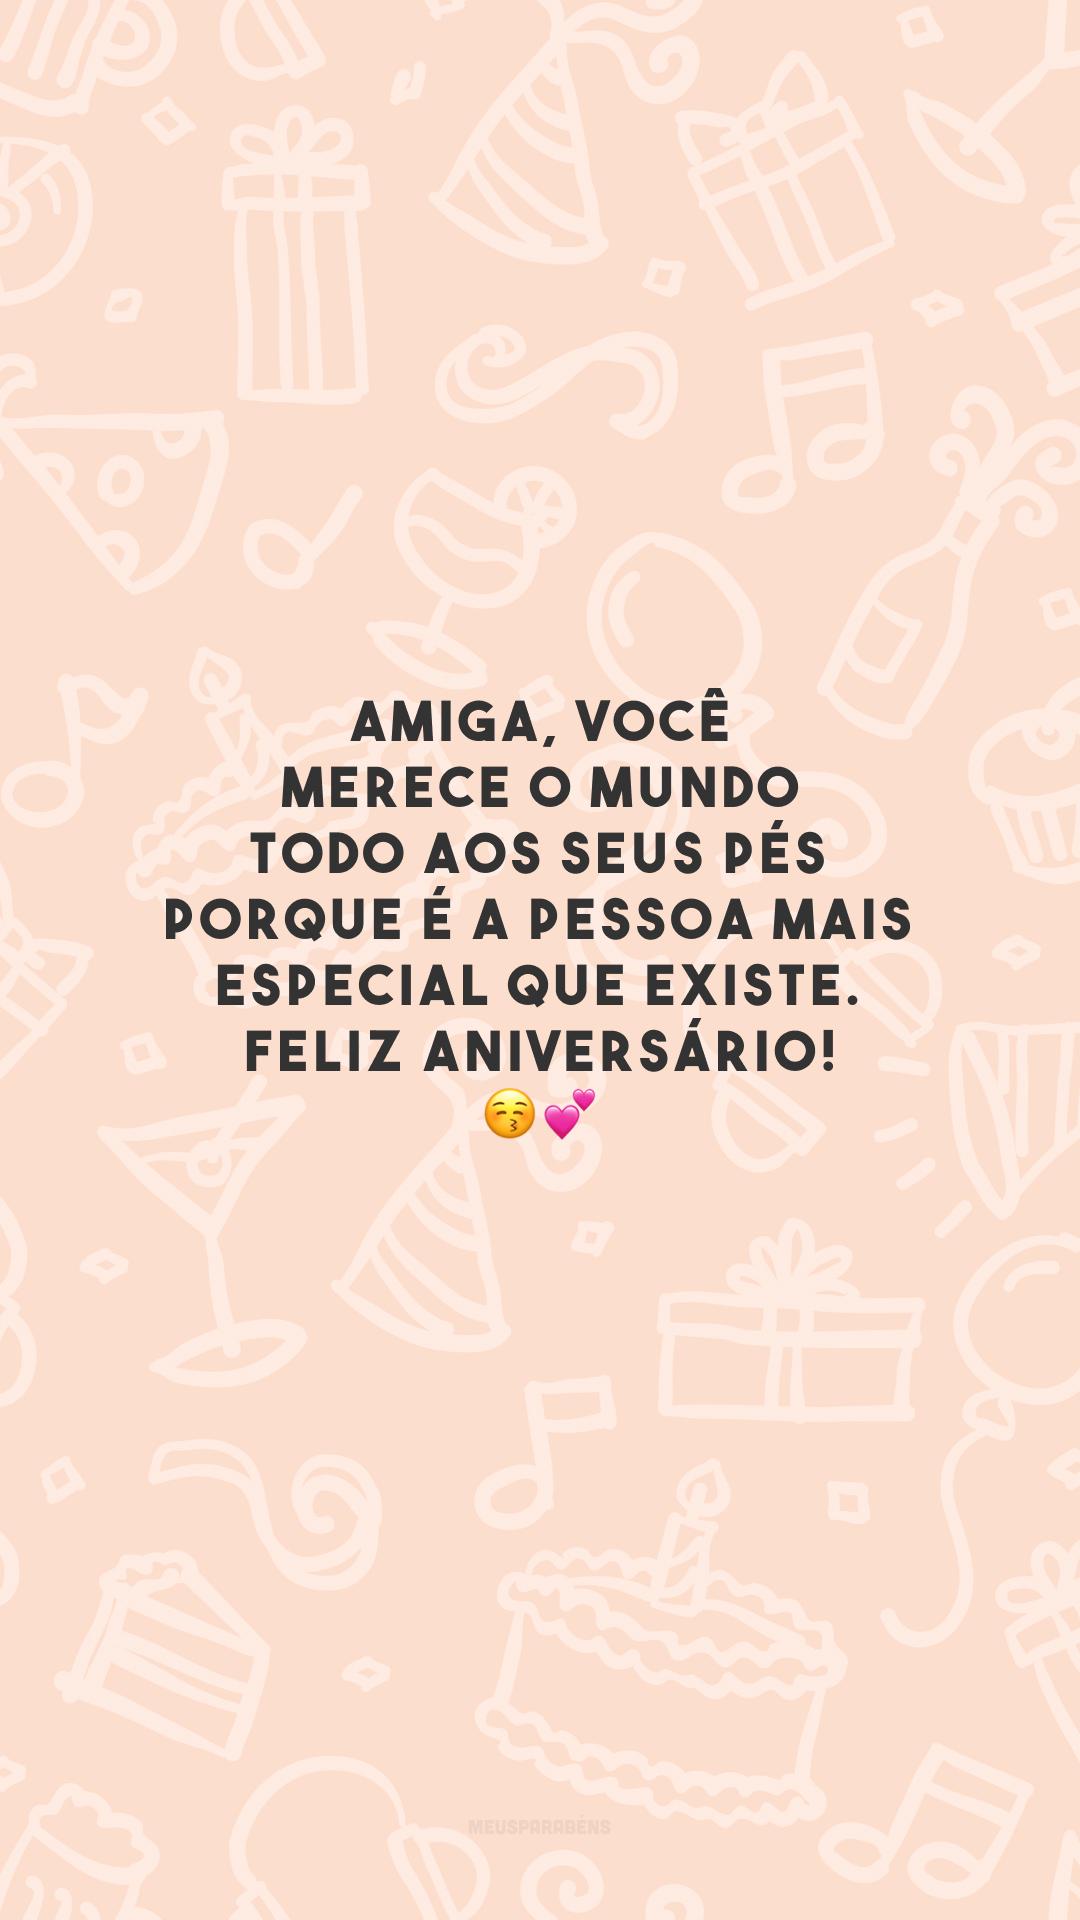 Amiga, você merece o mundo todo aos seus pés porque é a pessoa mais especial que existe. Feliz aniversário! 😚💕